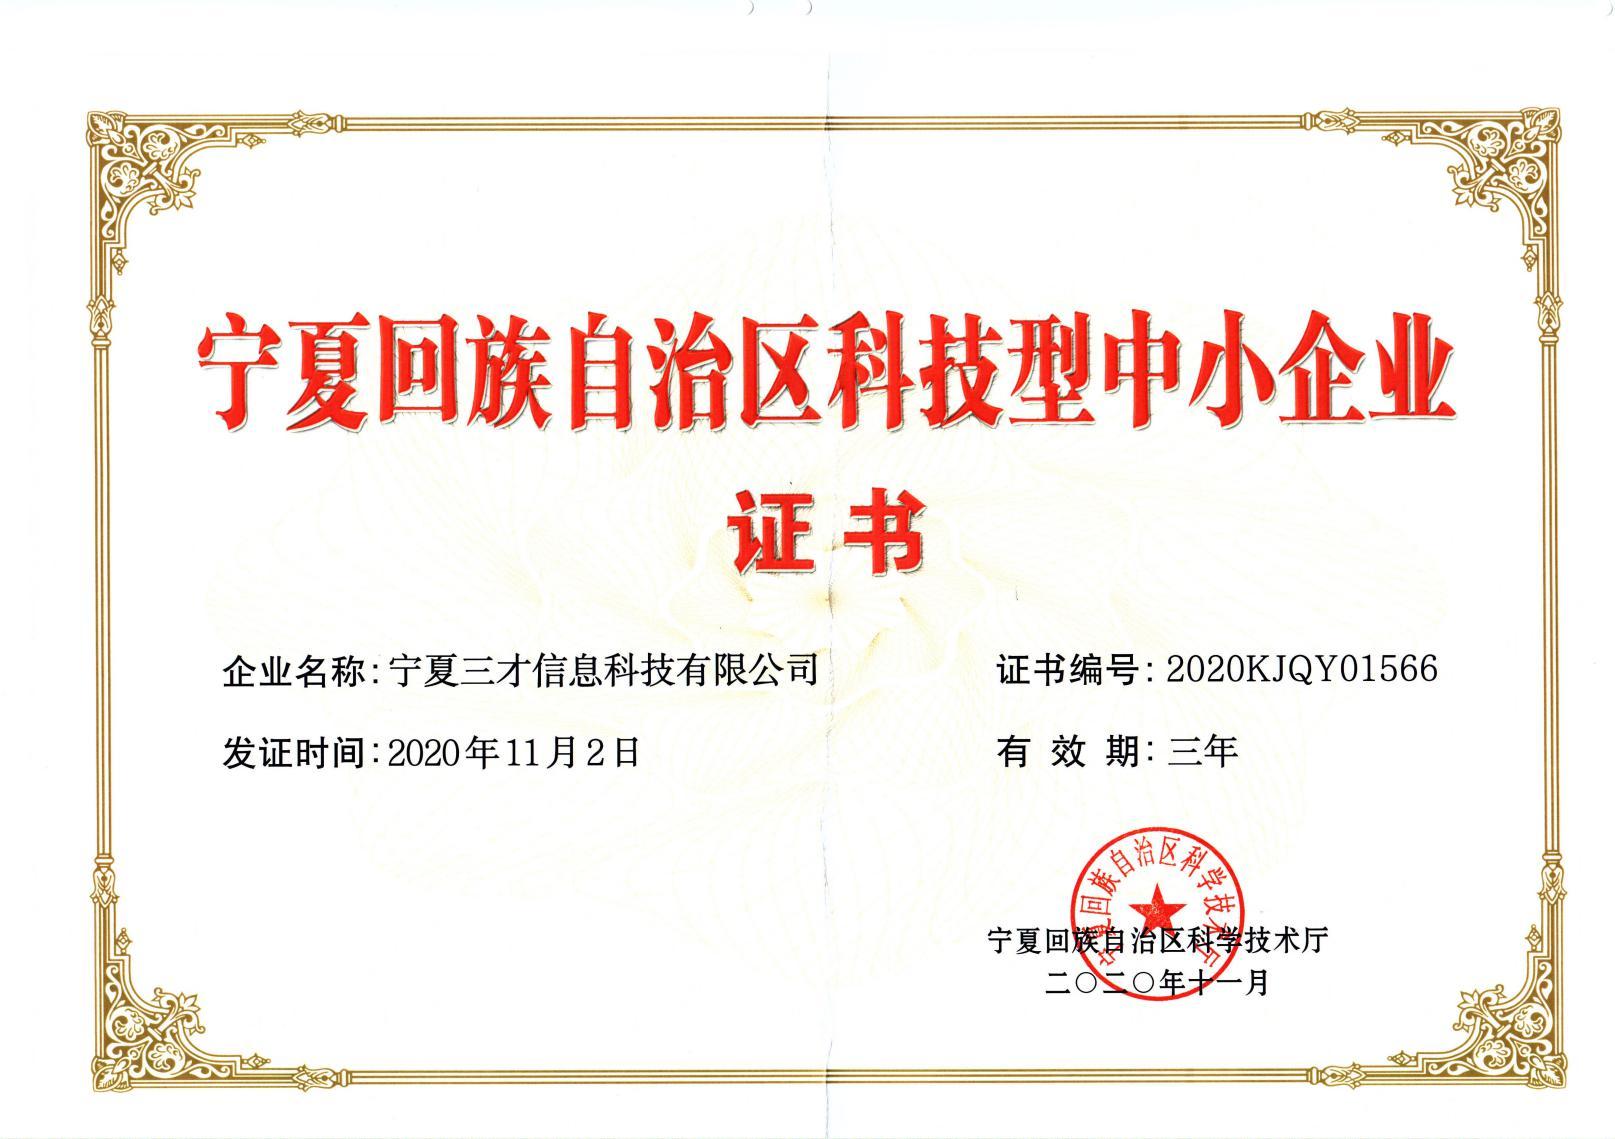 宁夏回族自治区科技型中小企业证书